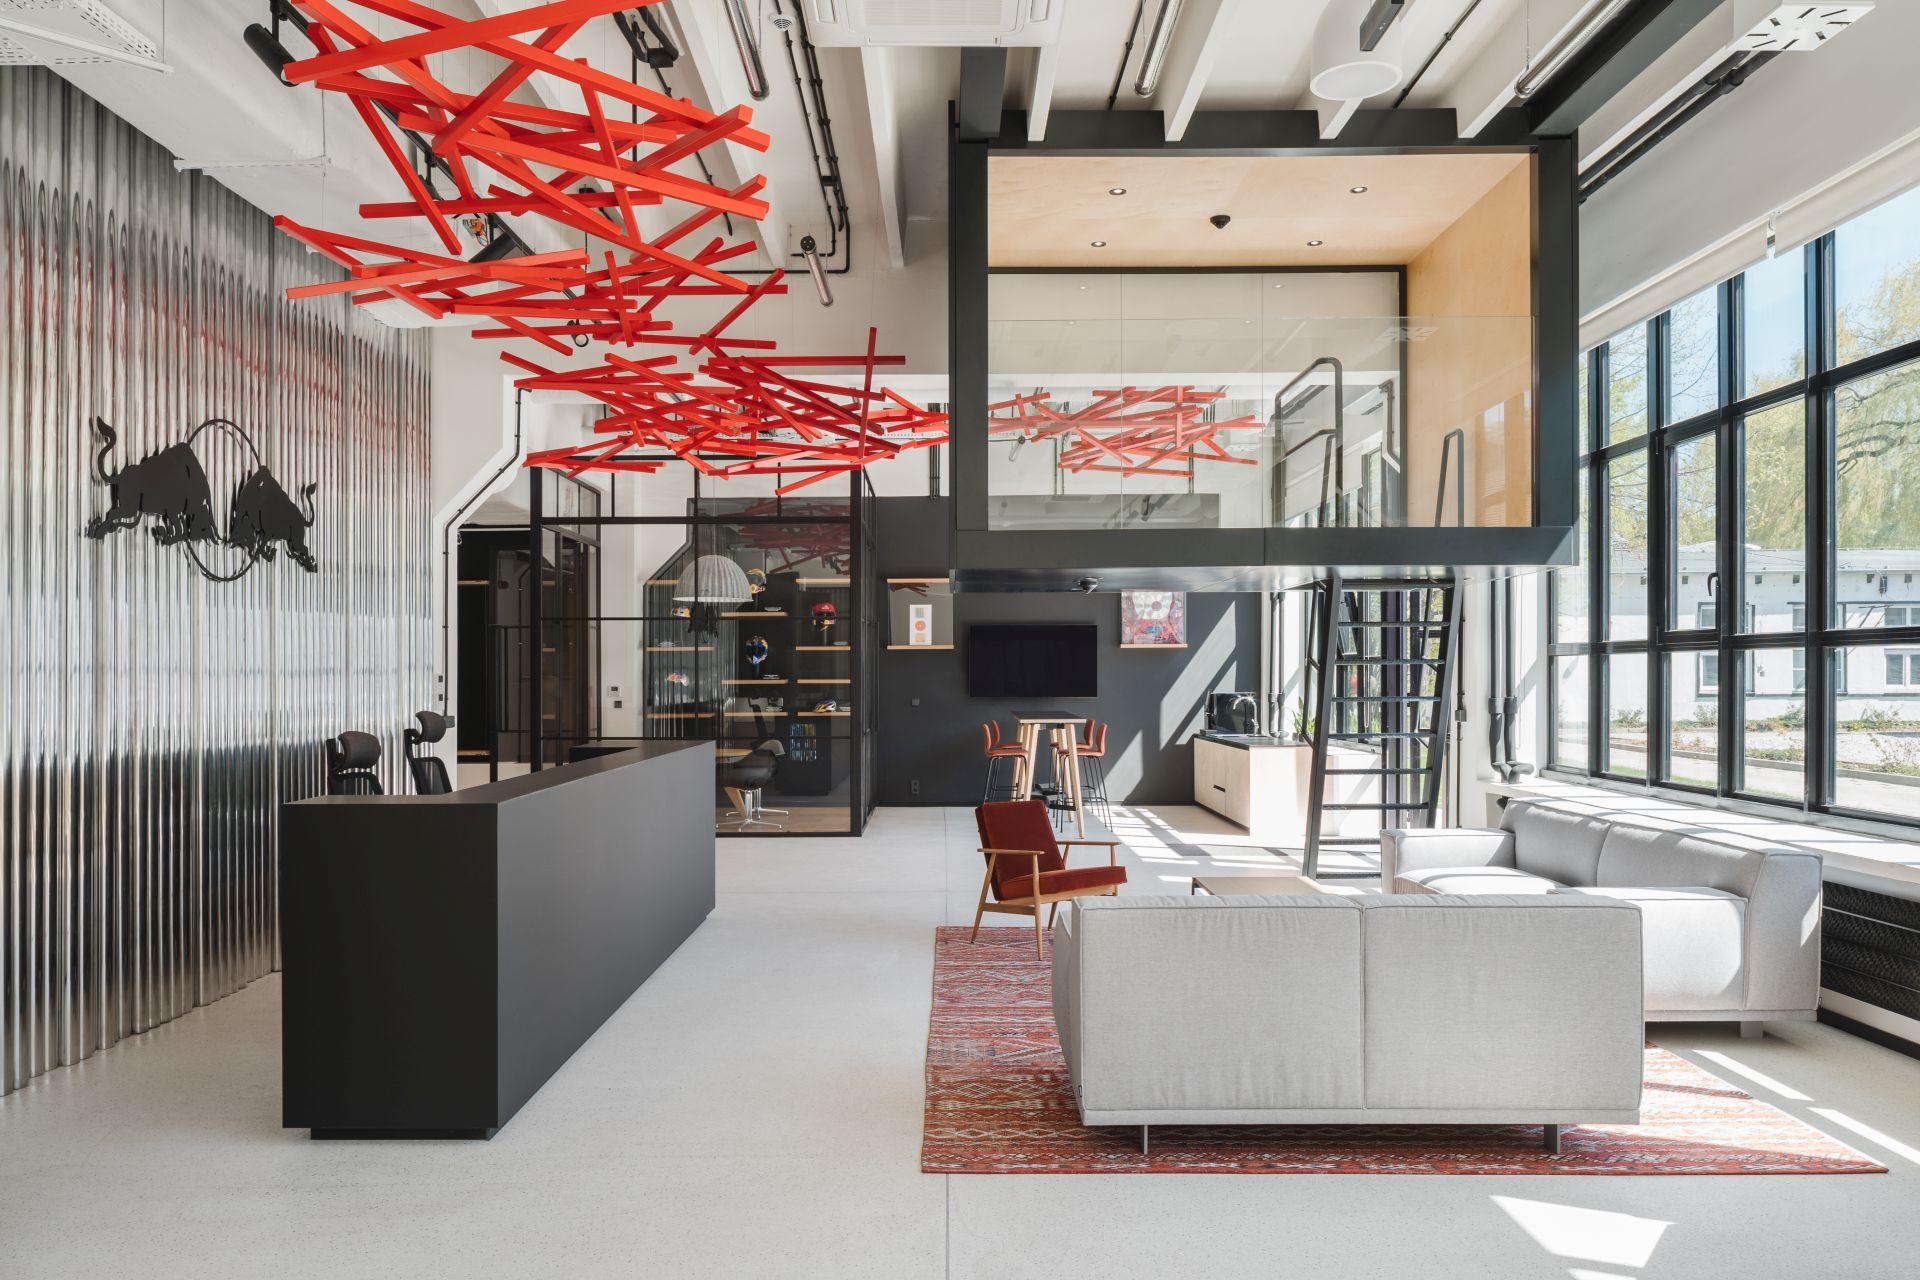 Interesującą ozdobą projektu jest znajdująca się w strefie wejściowej, intensywnie czerwona instalacja przestrzenna – fala energii (Fot. mat. pras.)